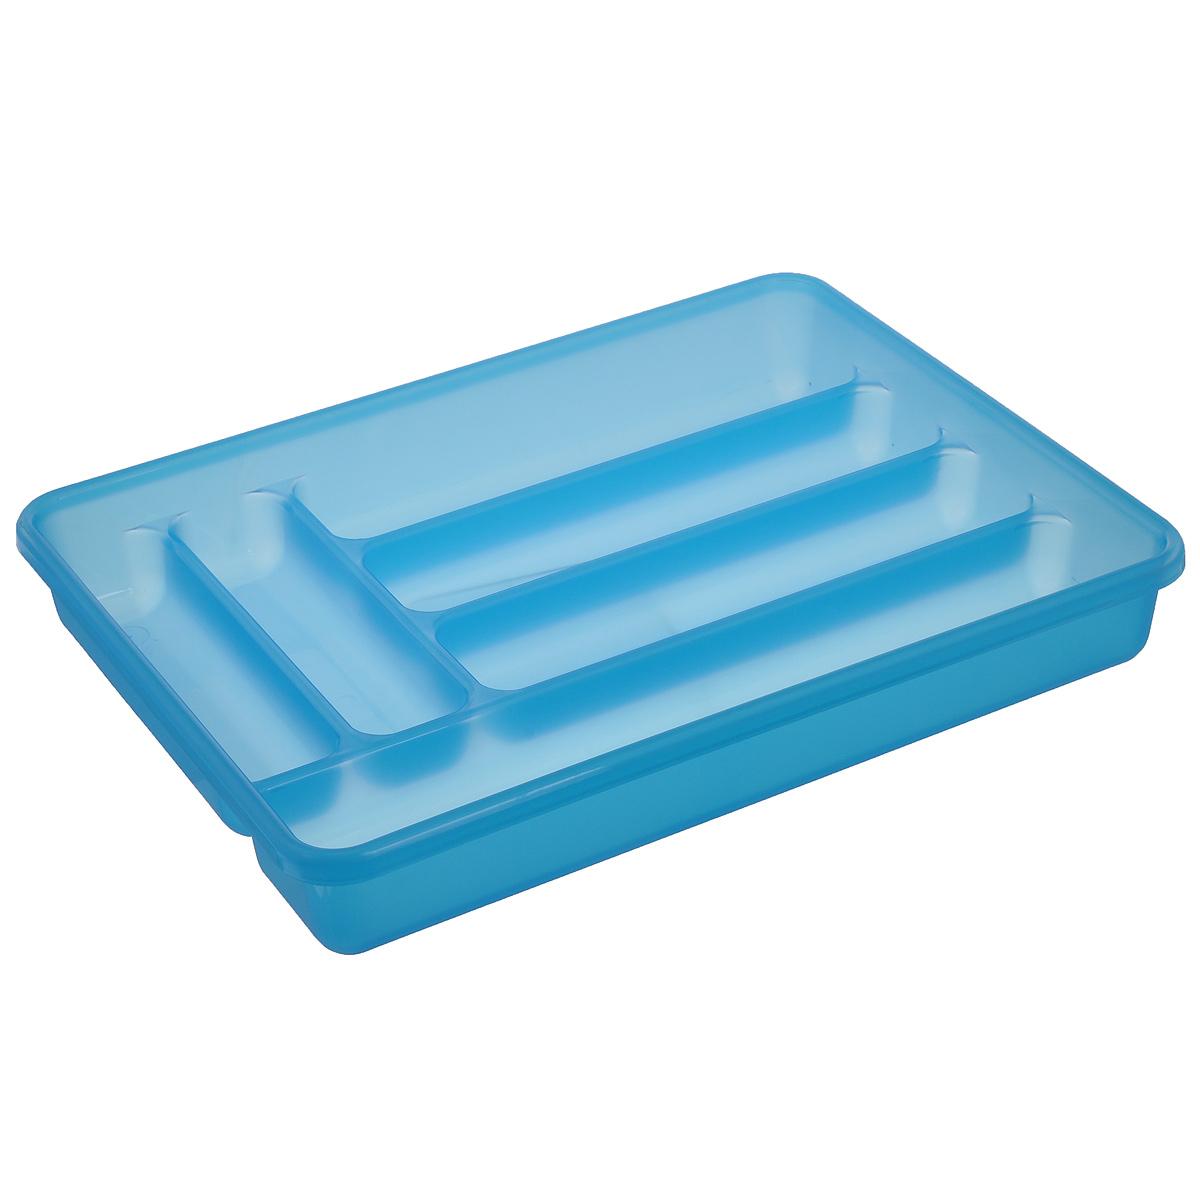 Лоток для столовых приборов Cosmoplast, 6 отделений, цвет: голубойВетерок 2ГФЛоток для столовых приборов Cosmoplast изготовлен из высококачественного пищевого пластика. Он предназначен для выдвигающихся ящиков на кухне. Лоток имеет шесть отделений: три отделения для вилок, ложек, ножей, два малых отделения для чайных ложек и десертных вилок, одно большое отделение для остальных приборов.Размер большого отделения: 38,5 см х 8 см.Размер средних отделений: 27 см х 6,5 см.Размер маленьких отделений: 20 см х 5 см.